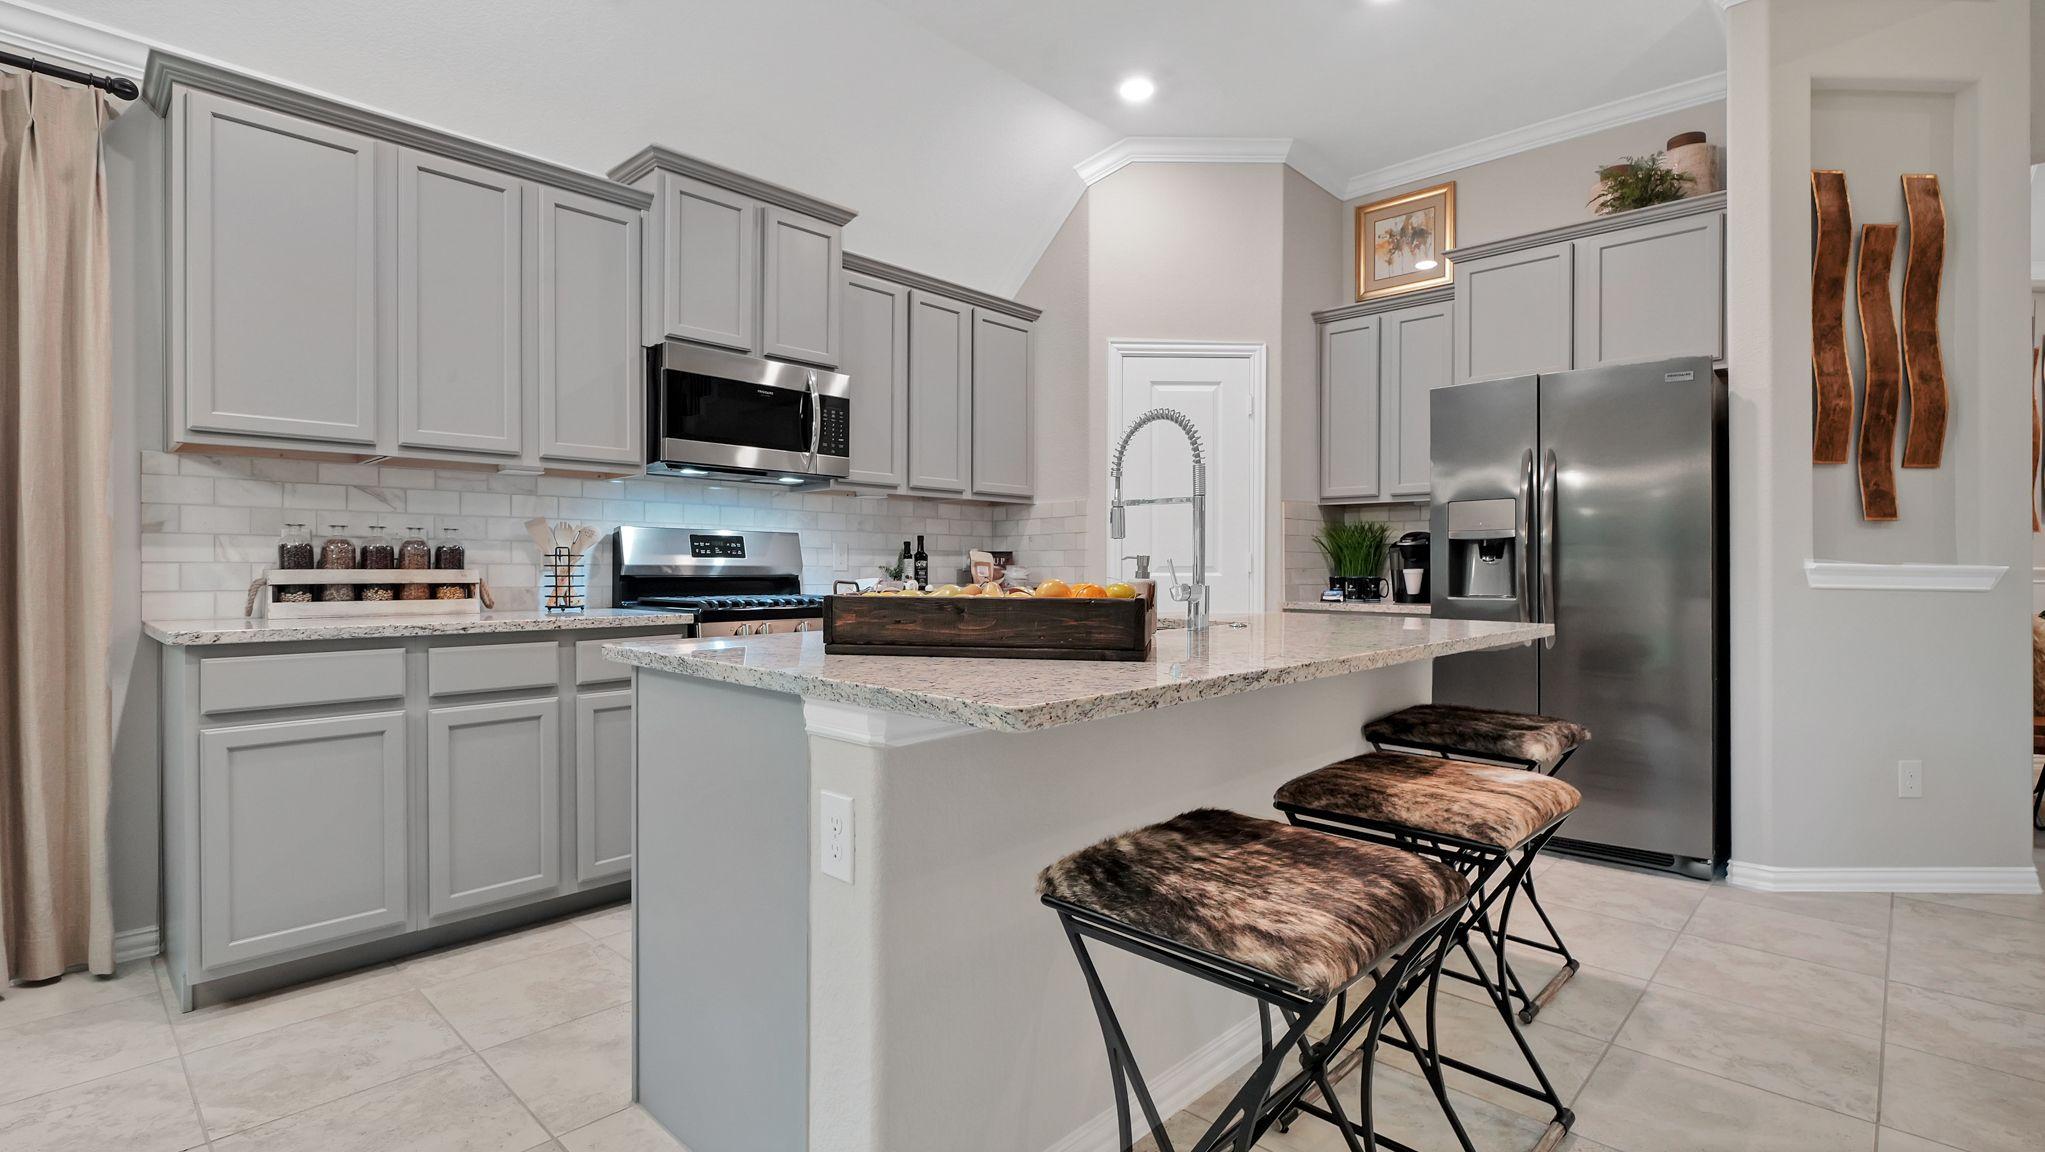 Pin On Lennar Houston Kitchens